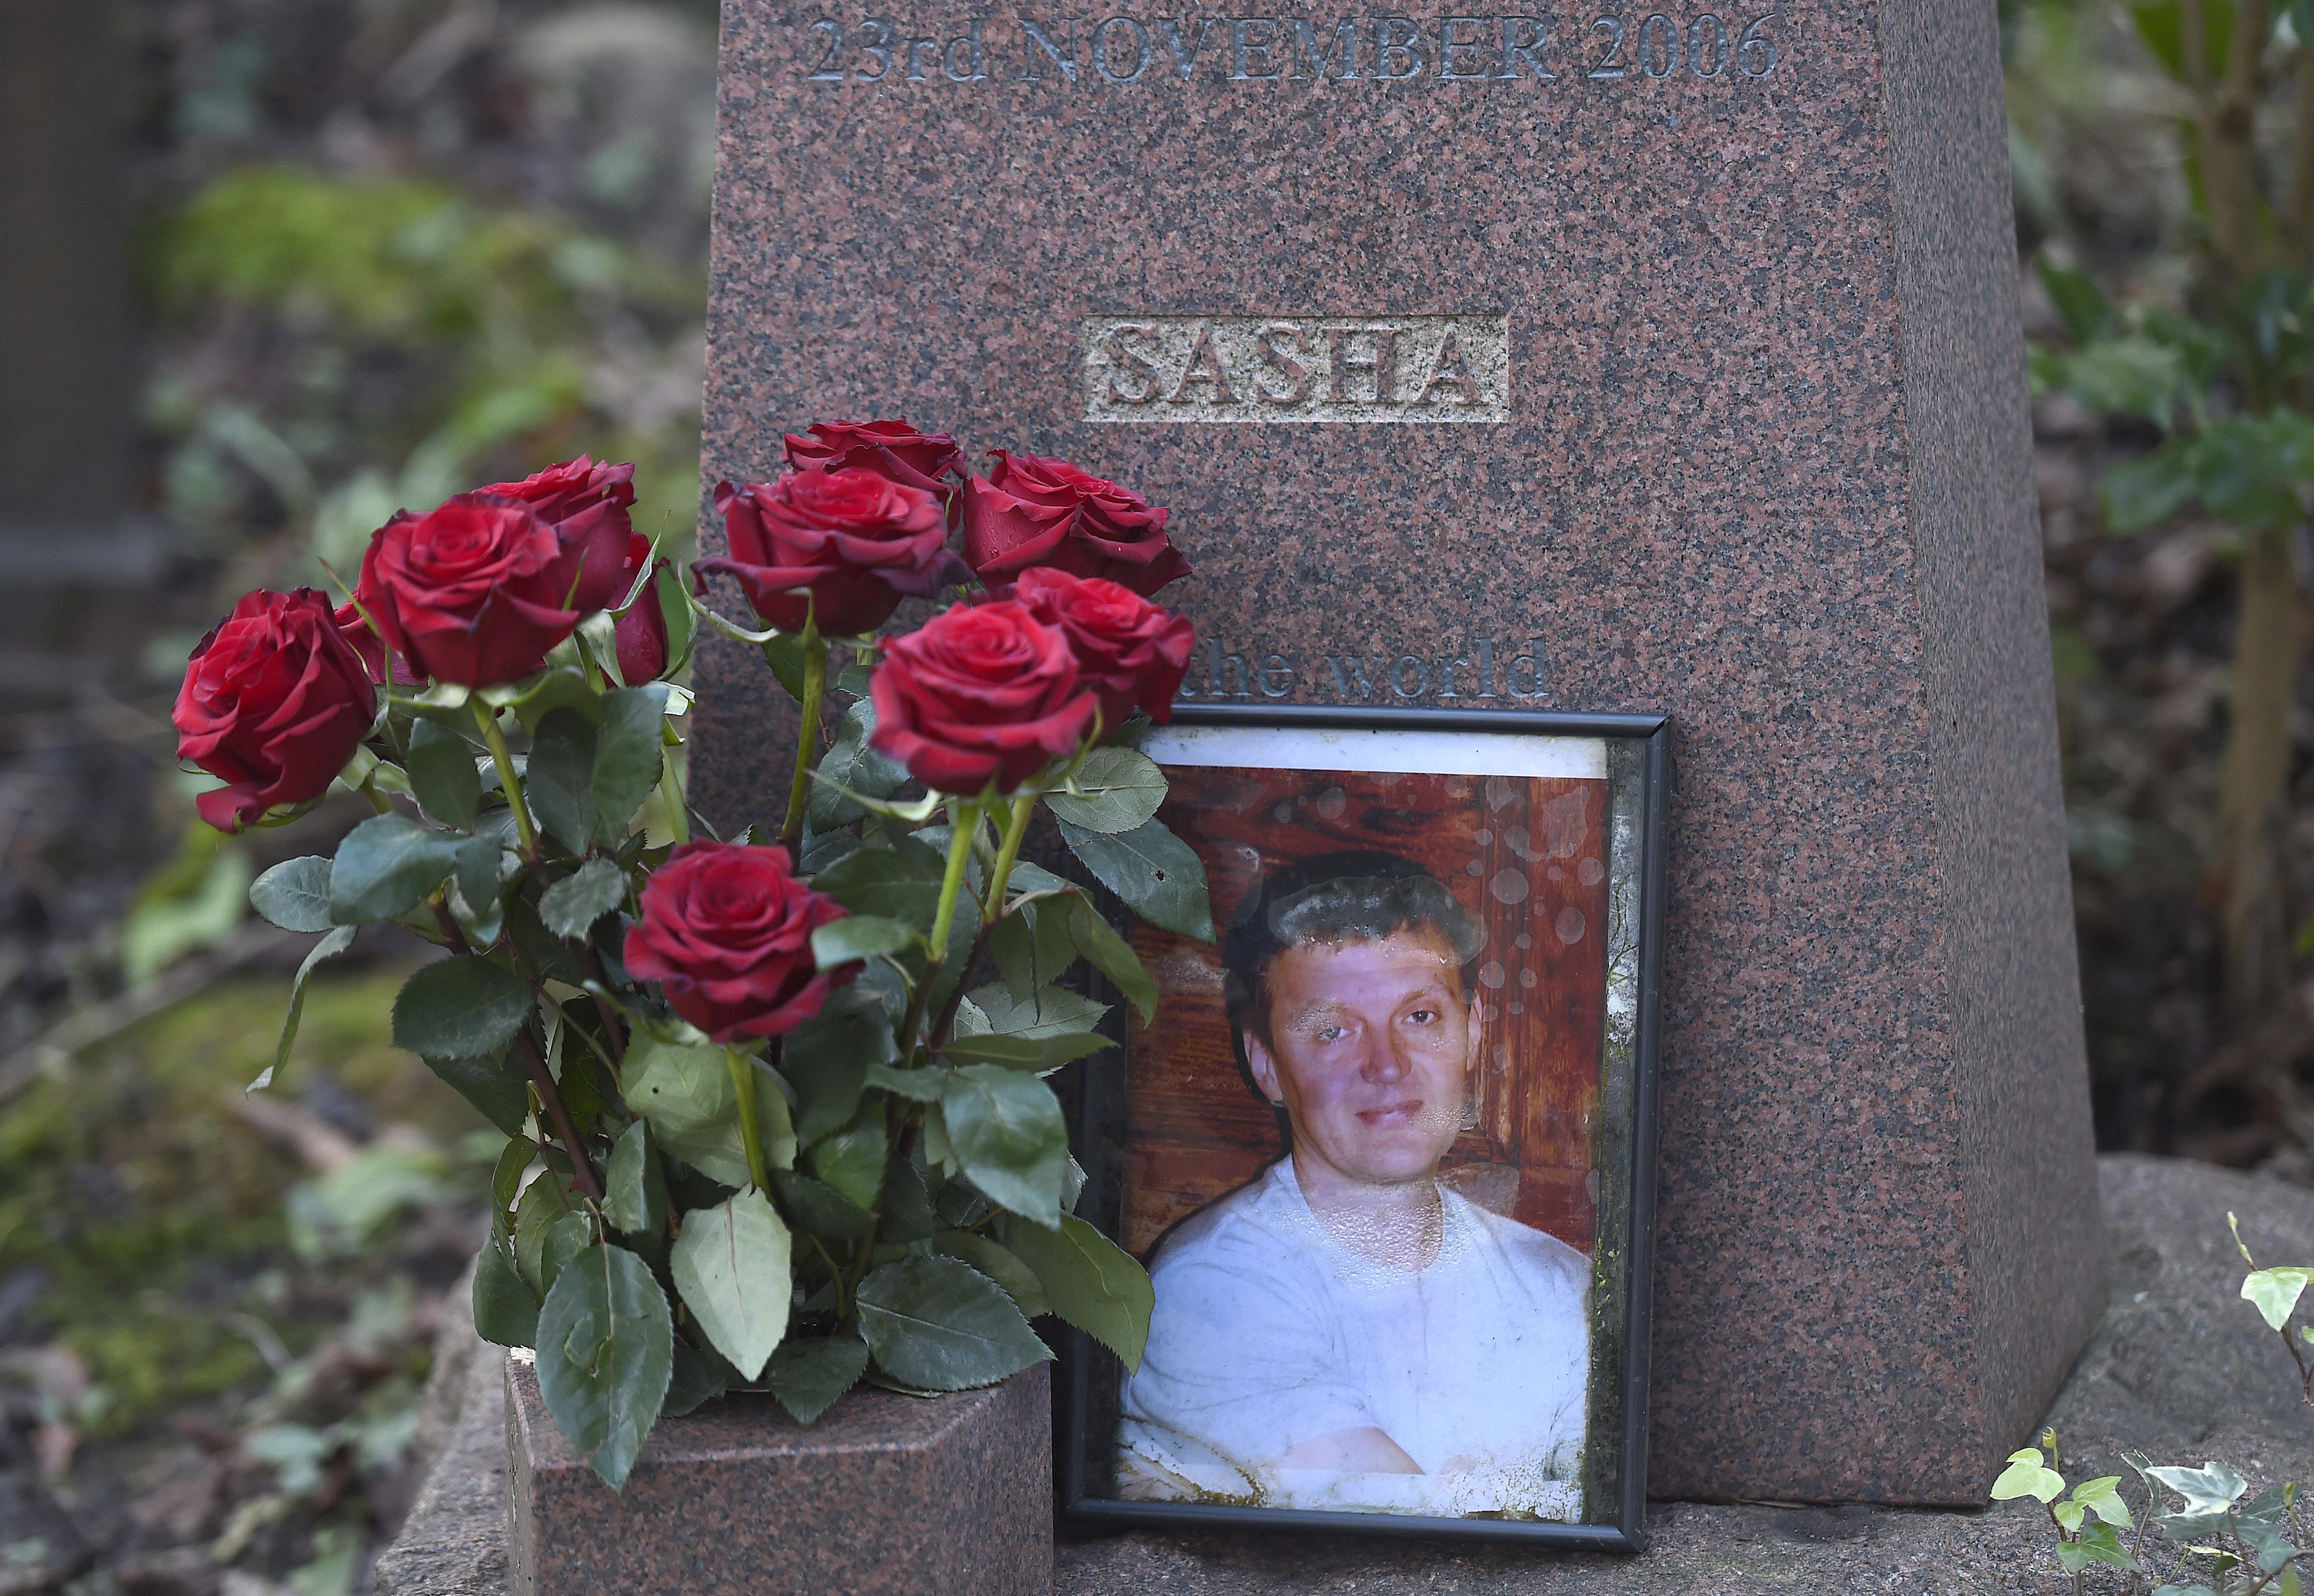 European court finds, Russia was Behind 2006 Assassination of ex-KGB Alexander Litvinenko